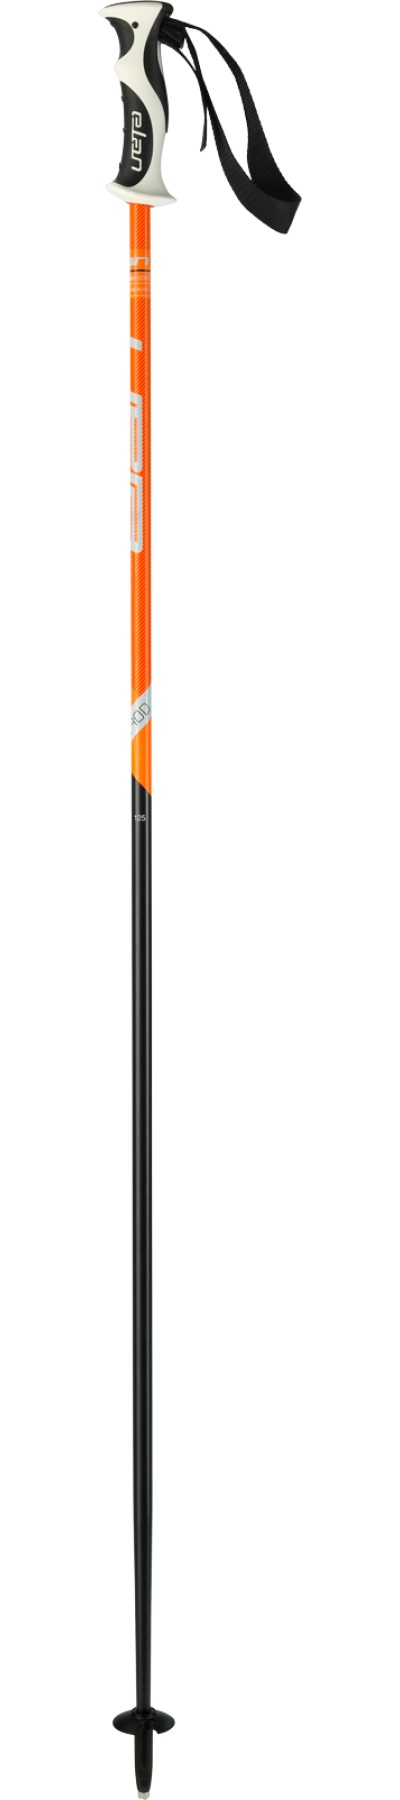 Горнолыжные палки Elan 2017-18 SP HOTrod F.ORANGE (см:120), Горные лыжи - арт. 979590420